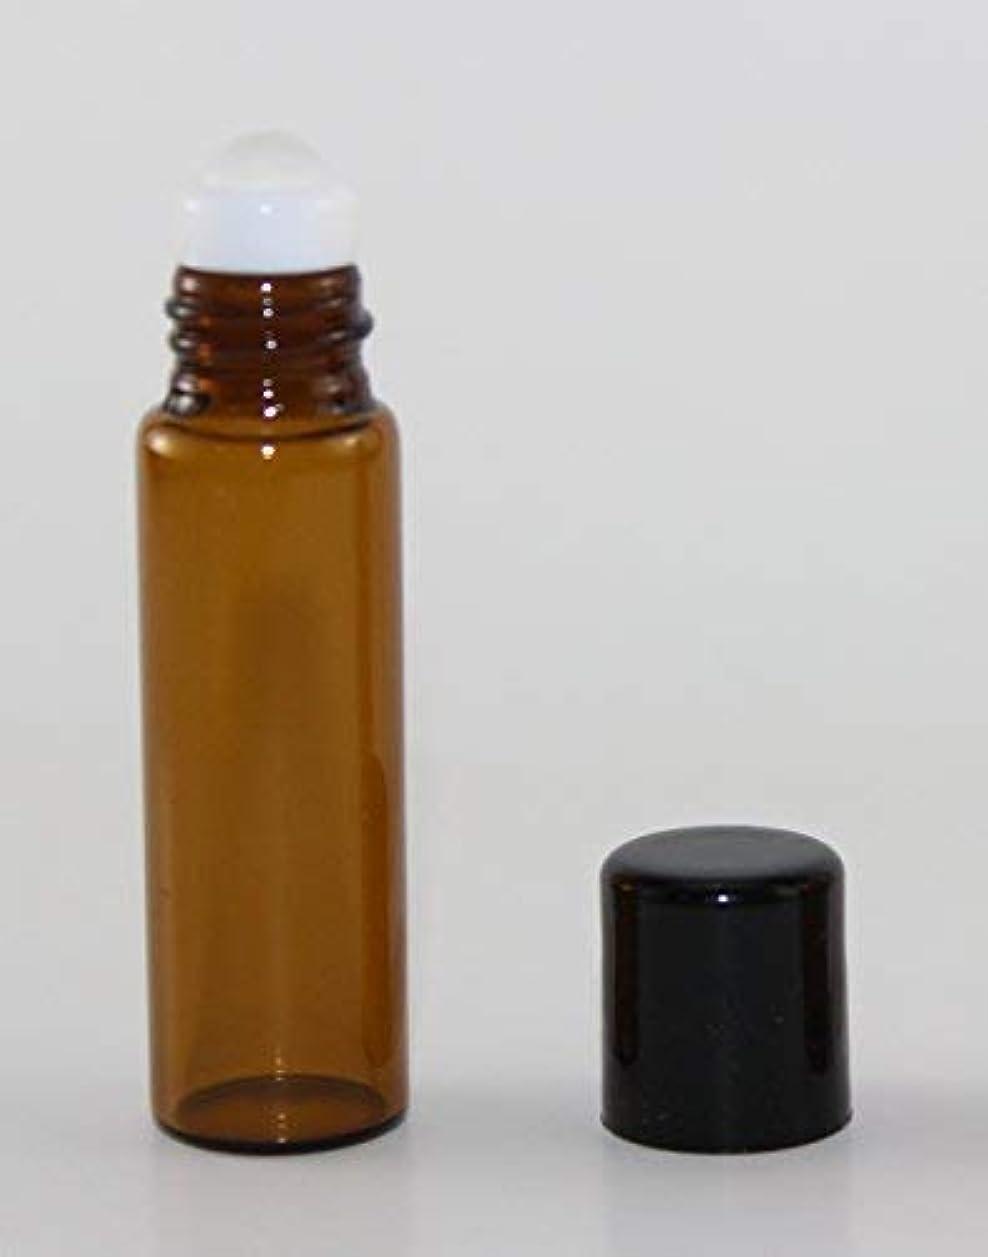 欠員富母USA 72 Amber Glass 5 ml Roll-On Glass Bottles with GLASS Roller Roll On Balls - Refillable Aromatherapy Essential...